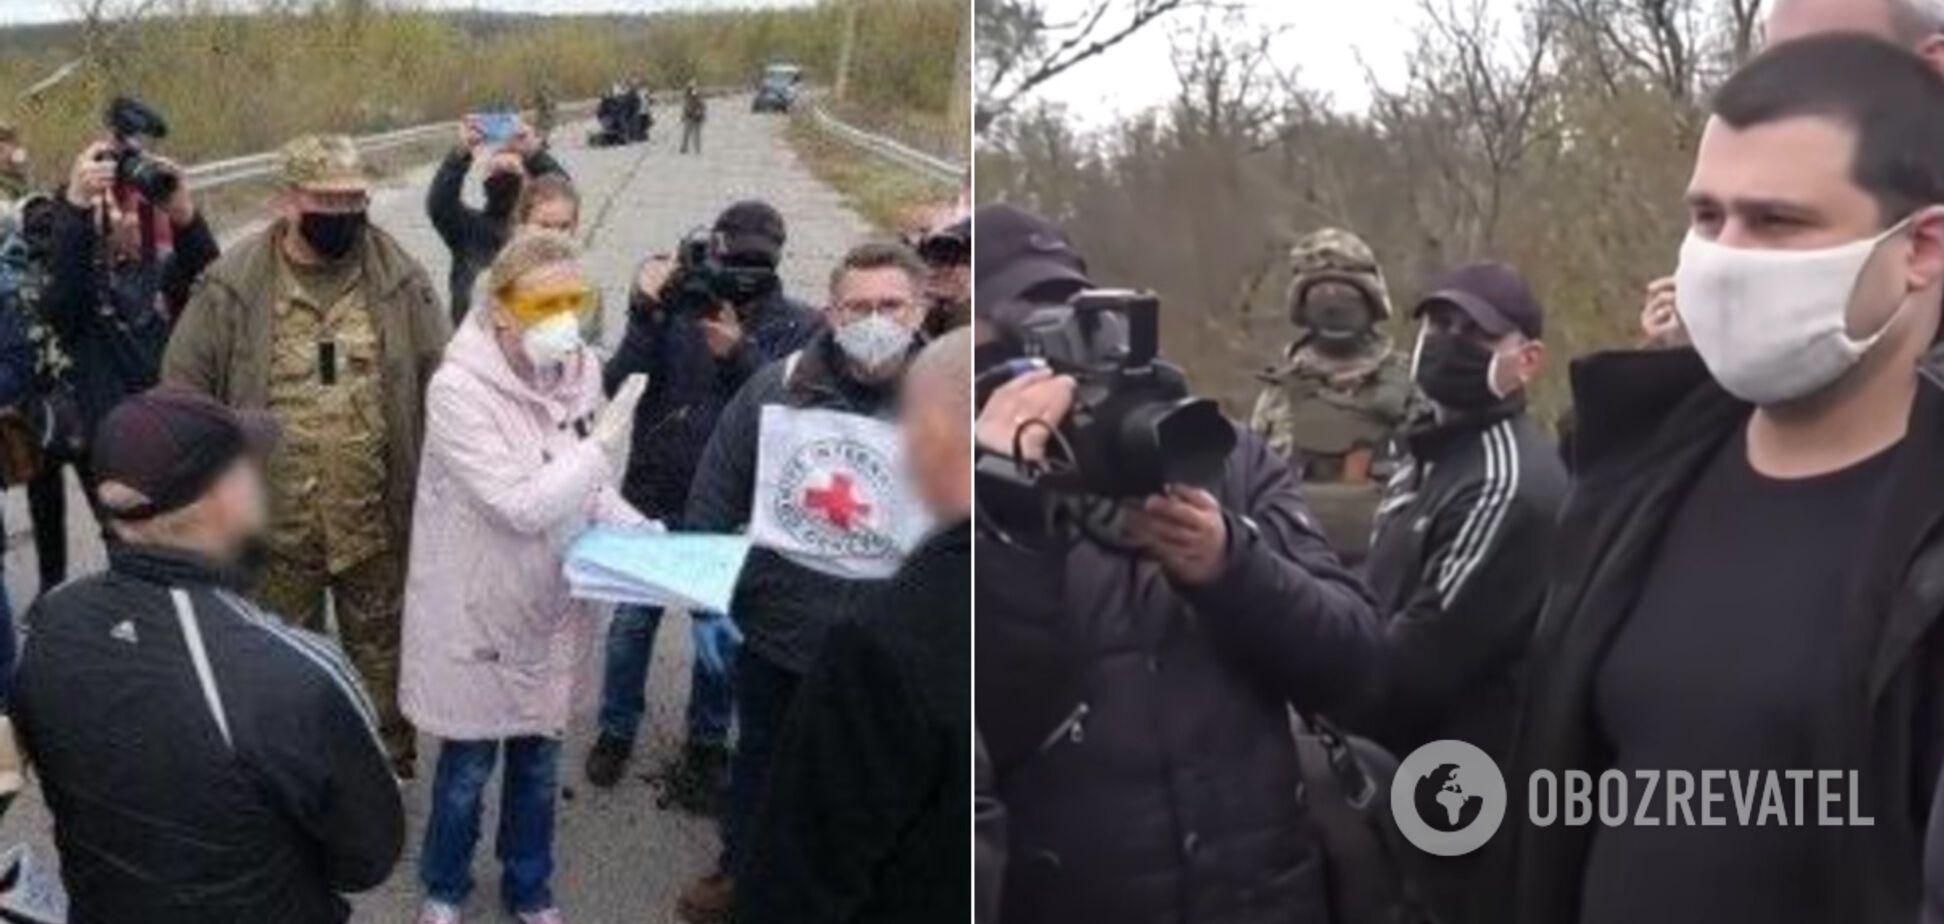 Колишній терорист відмовився від обміну і наїхав на 'ЛНР'. Відео